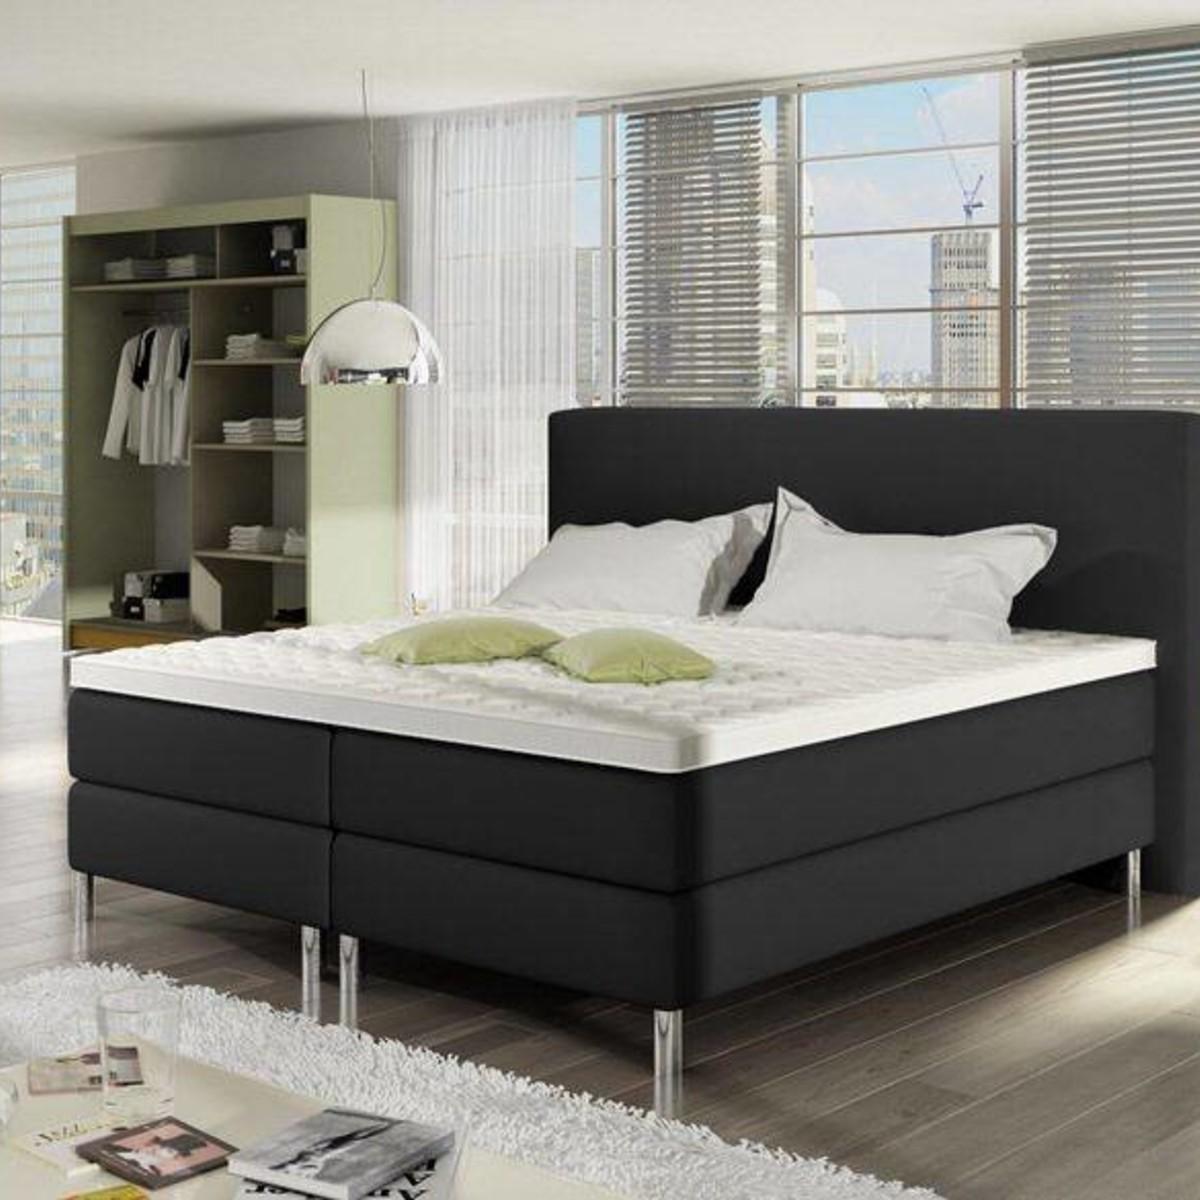 Slaapkamer Complete Tweepersoons.Complete Boxsprings Bij Furnea Voor Comfort Luxe In De